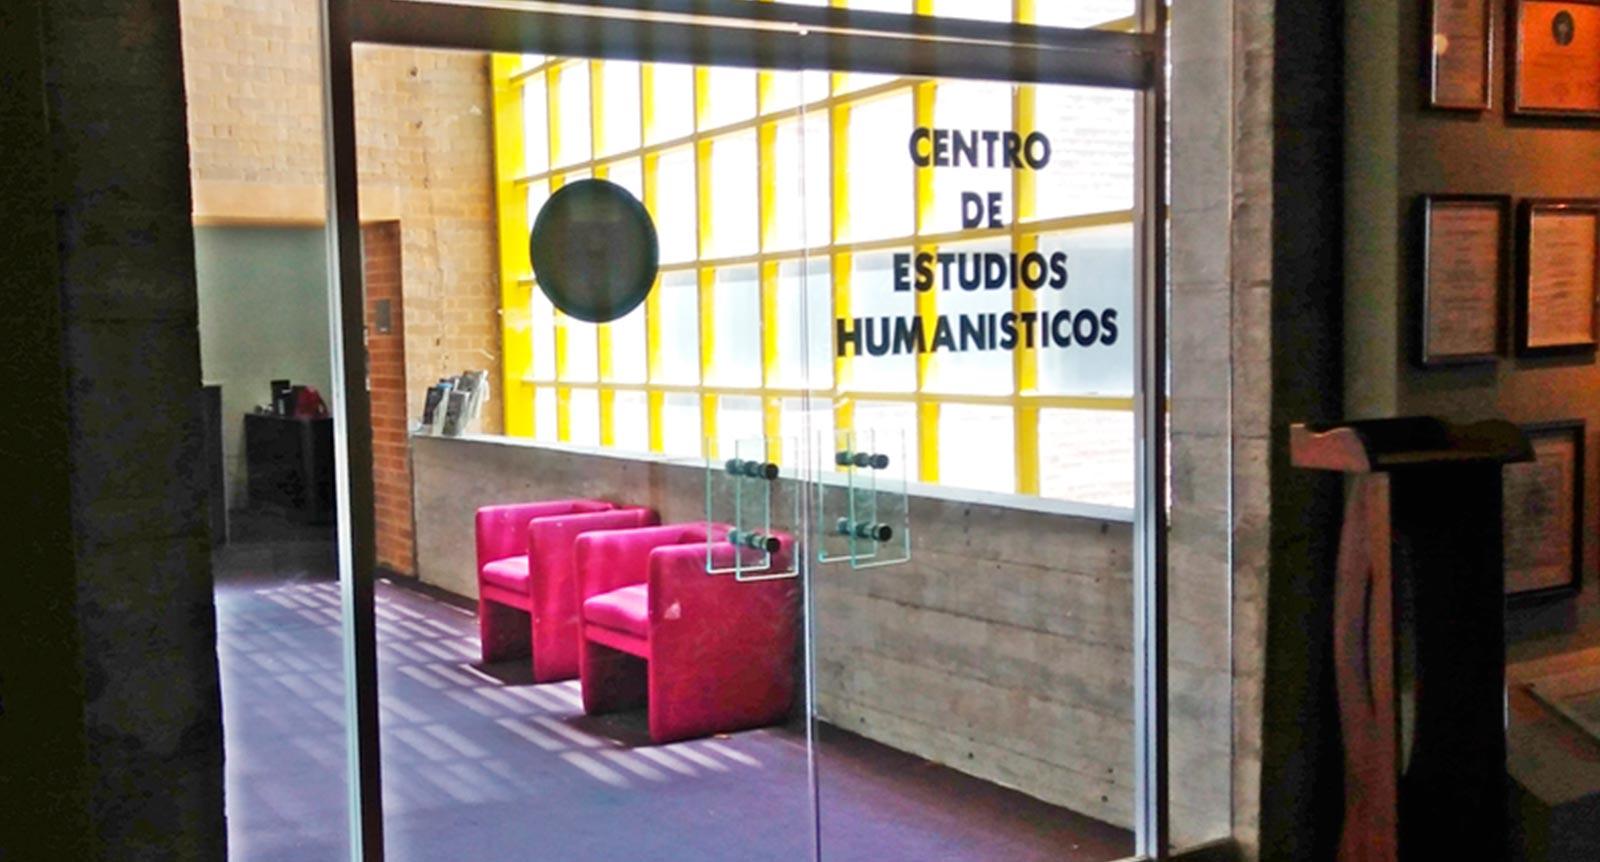 Centro de Estudios Humanísticos